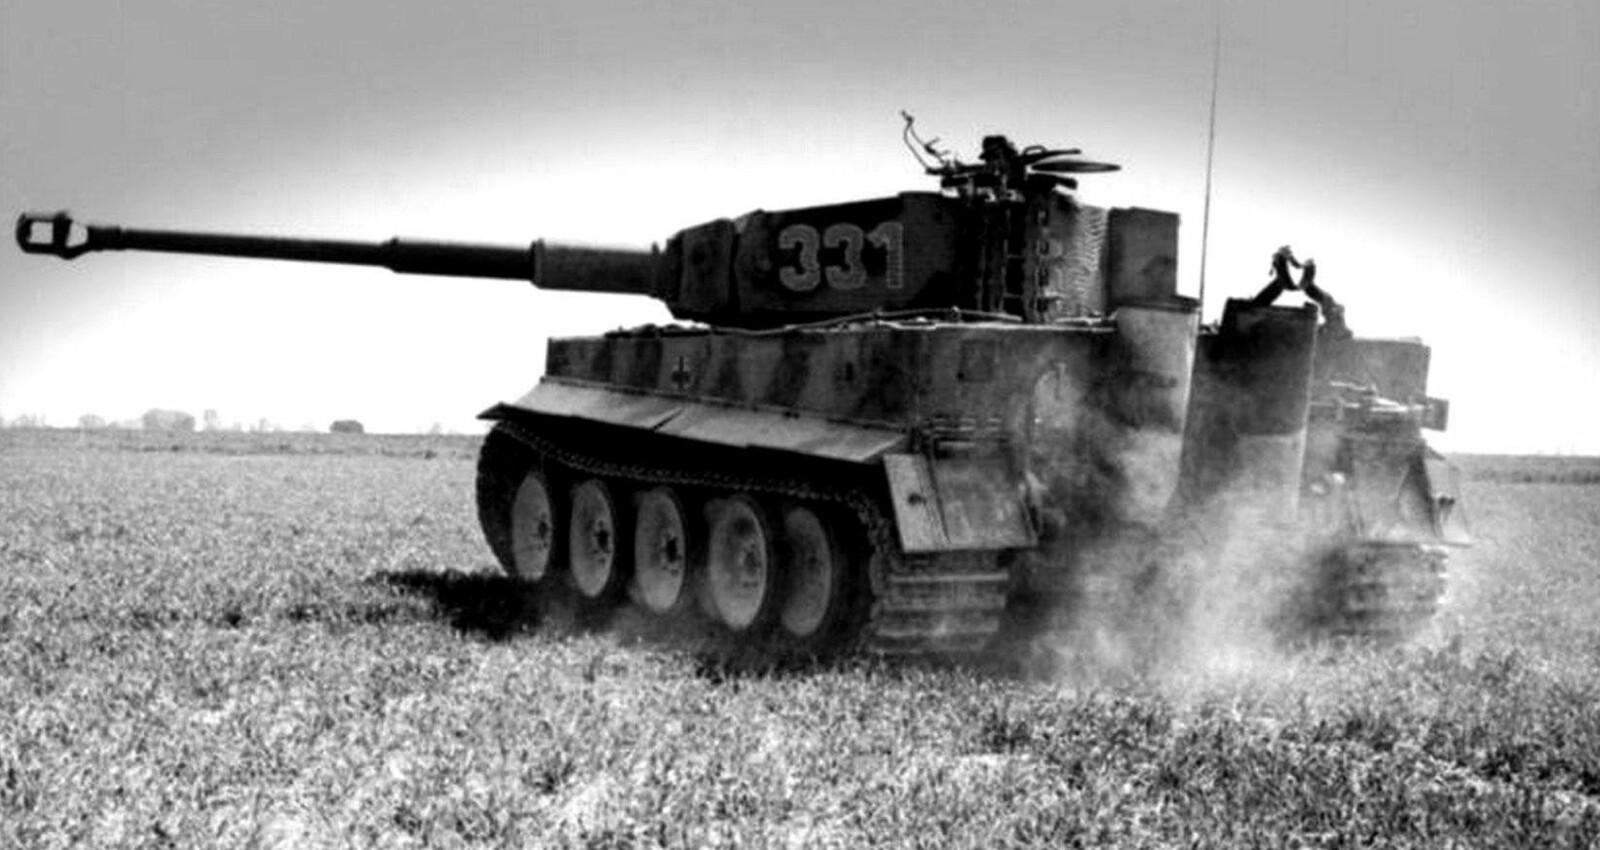 Den tyske Tiger-stridsvognen eliminerte nesten 10.000 sovjetiske tanks i løpet av krigen.